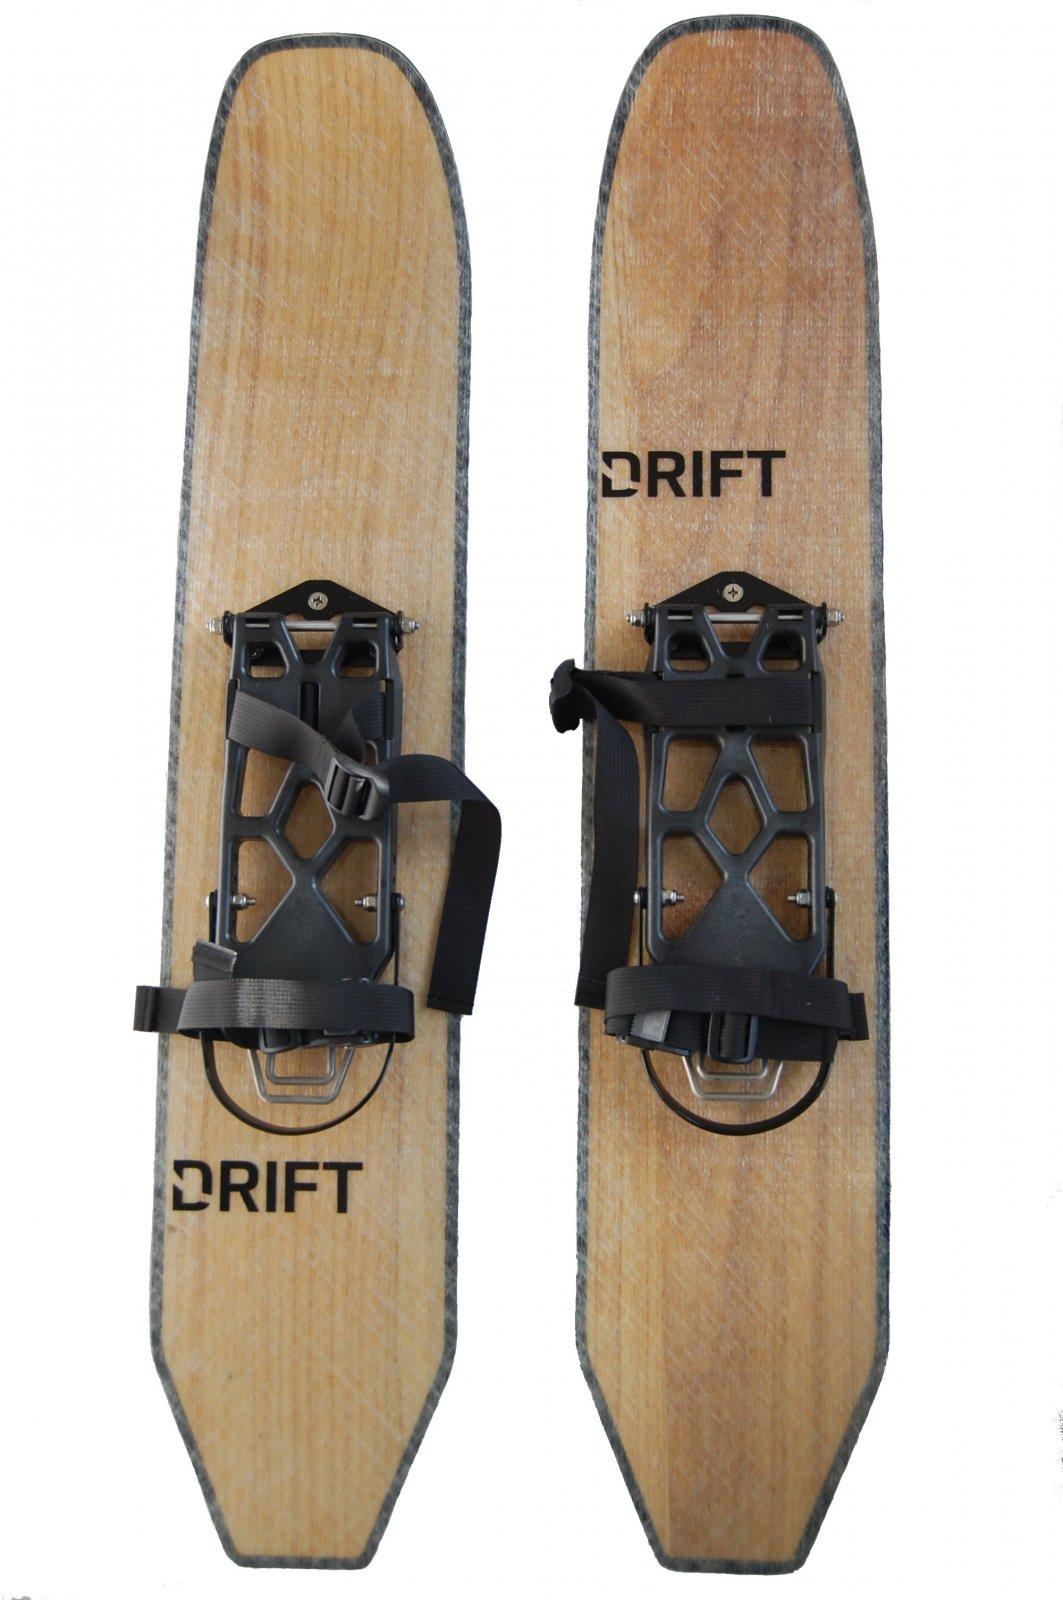 Drift Oxygen Glass Fiber Drift Boards